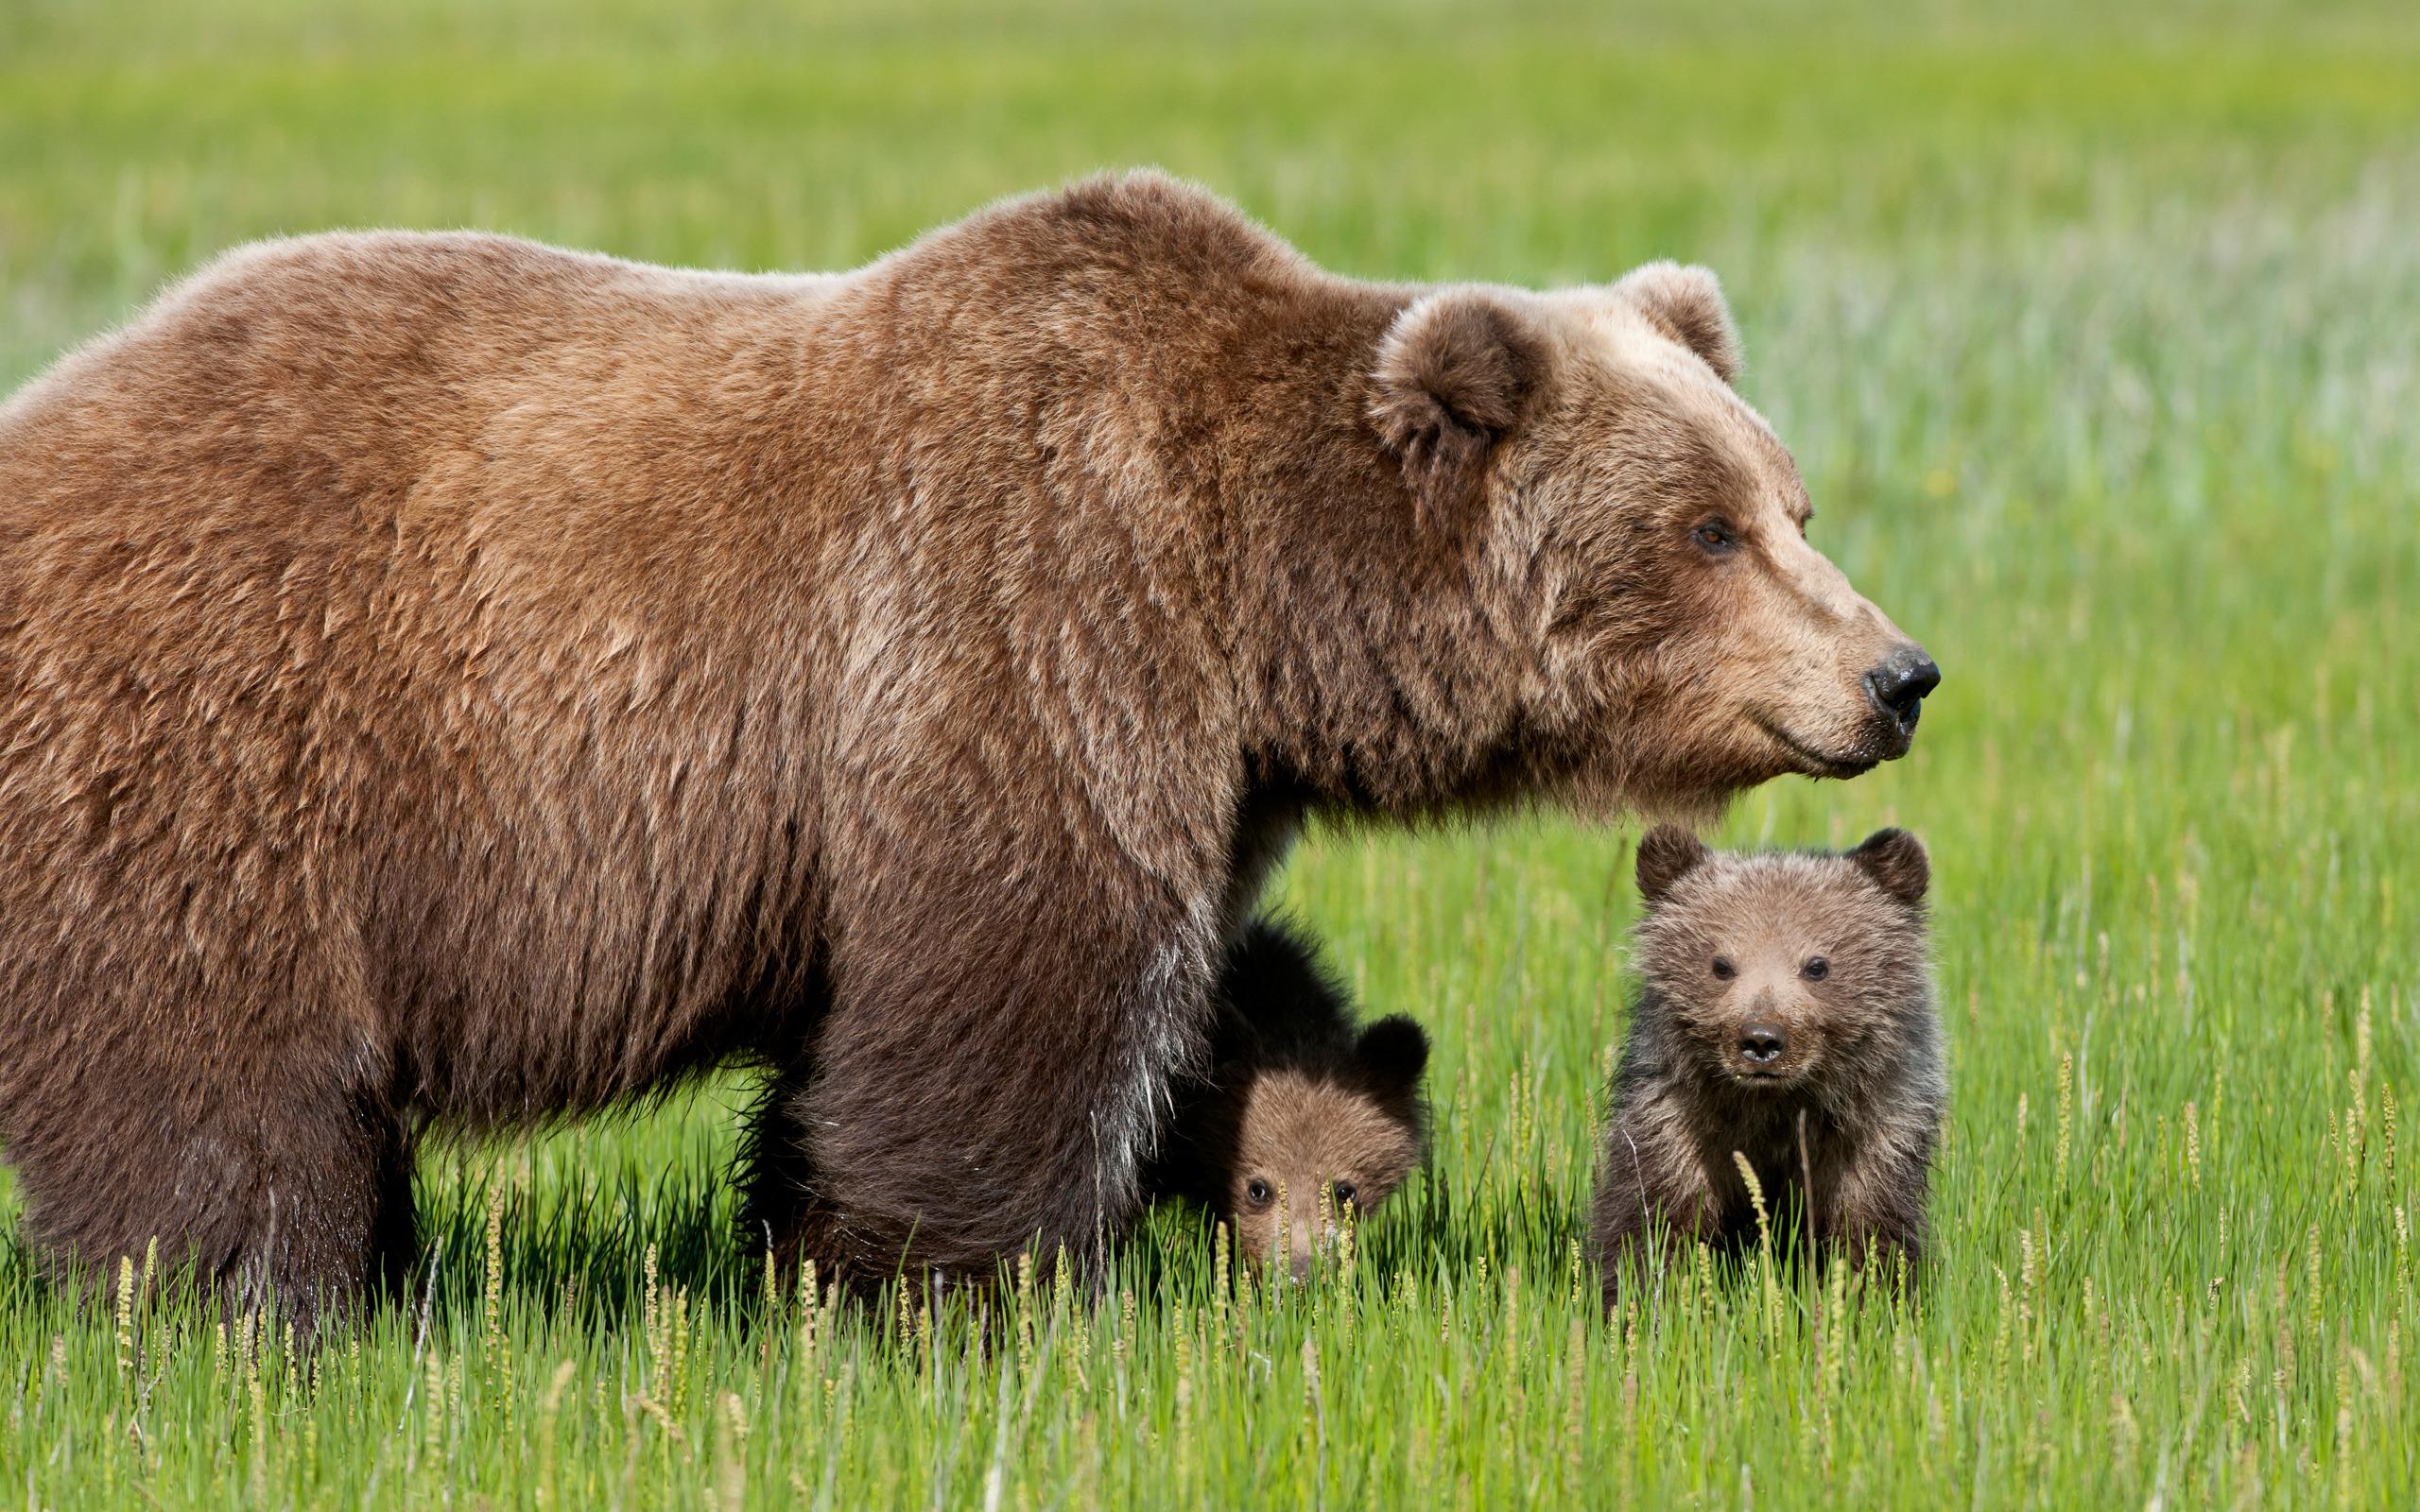 учёбе хорошо, крупные картинки с дикими животными компания является официальным